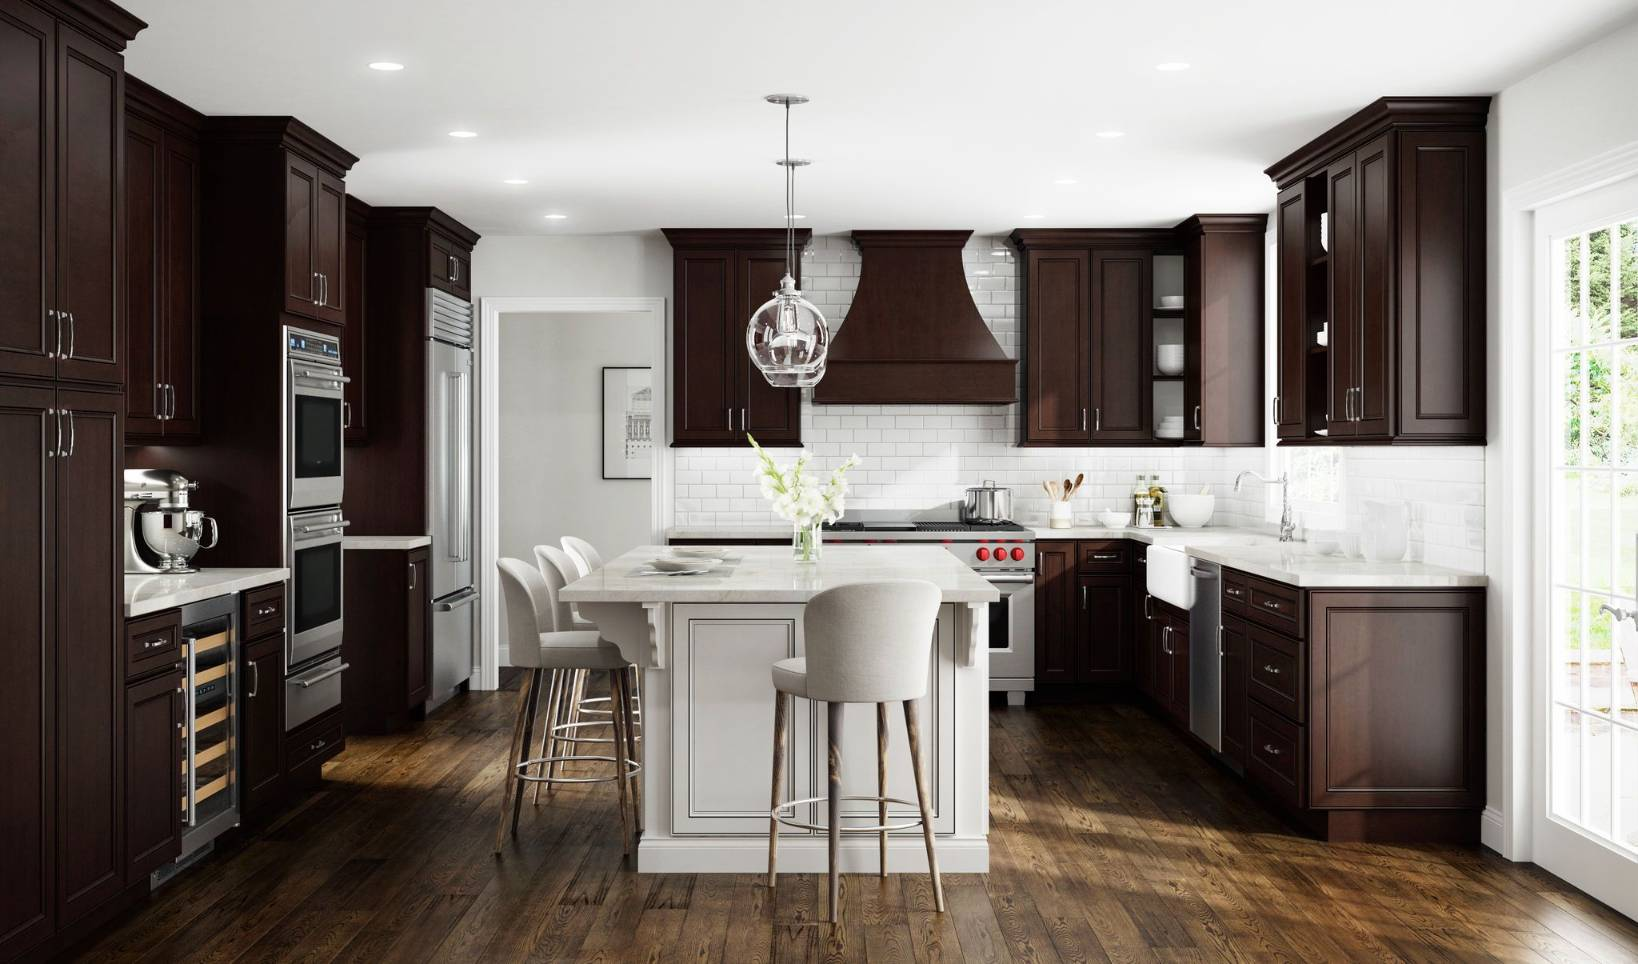 Brown kitchen with dark floor